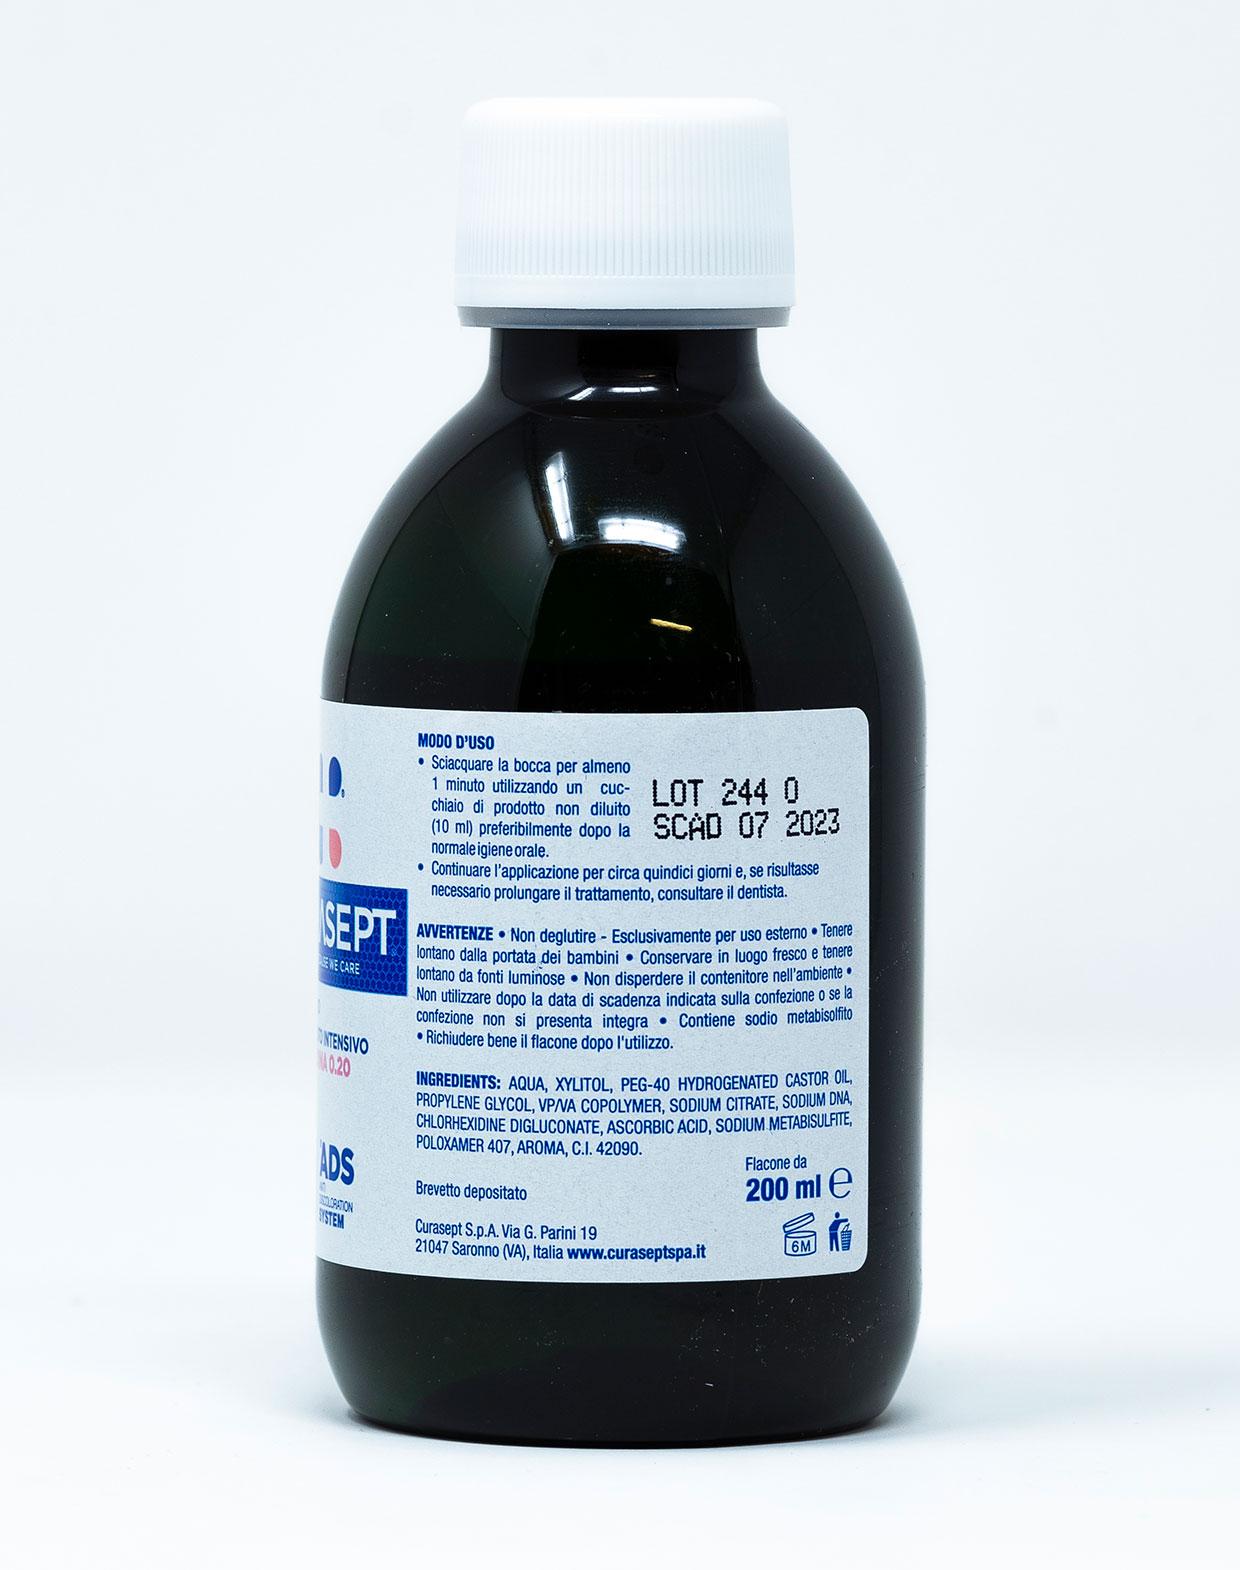 Curasept Collutorio ADS DNA Trattamento Intensivo 0,20% - 200 ml